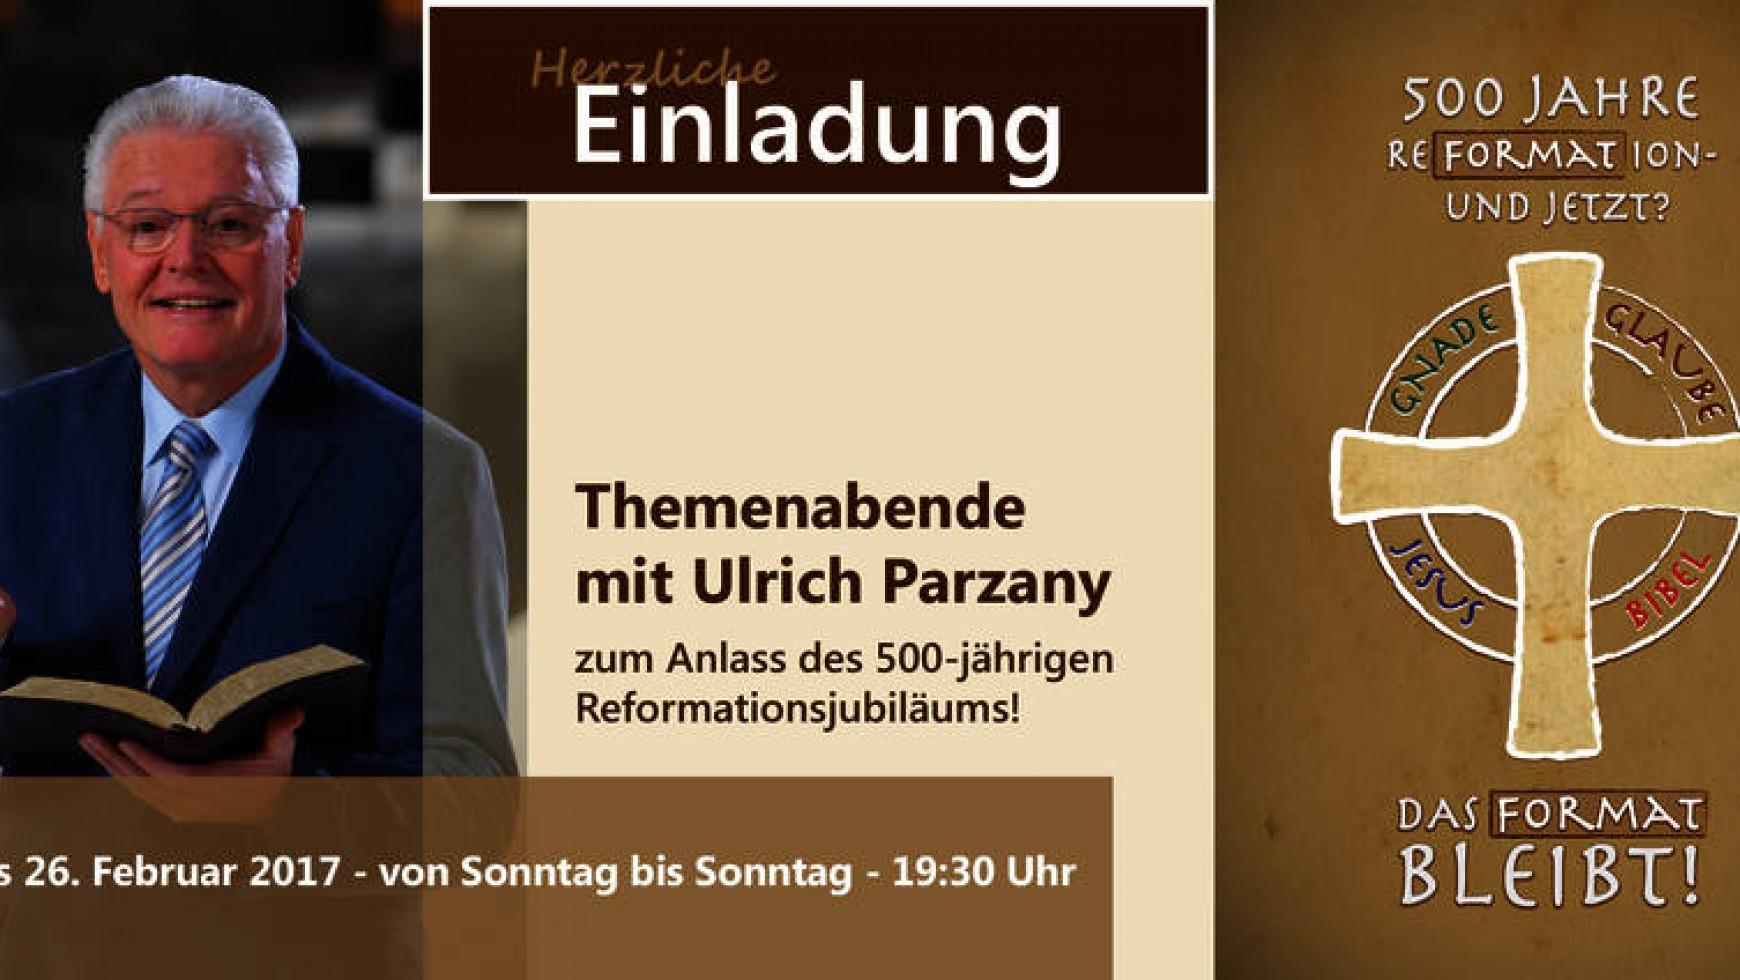 Themenabende mit Ulrich Parzany